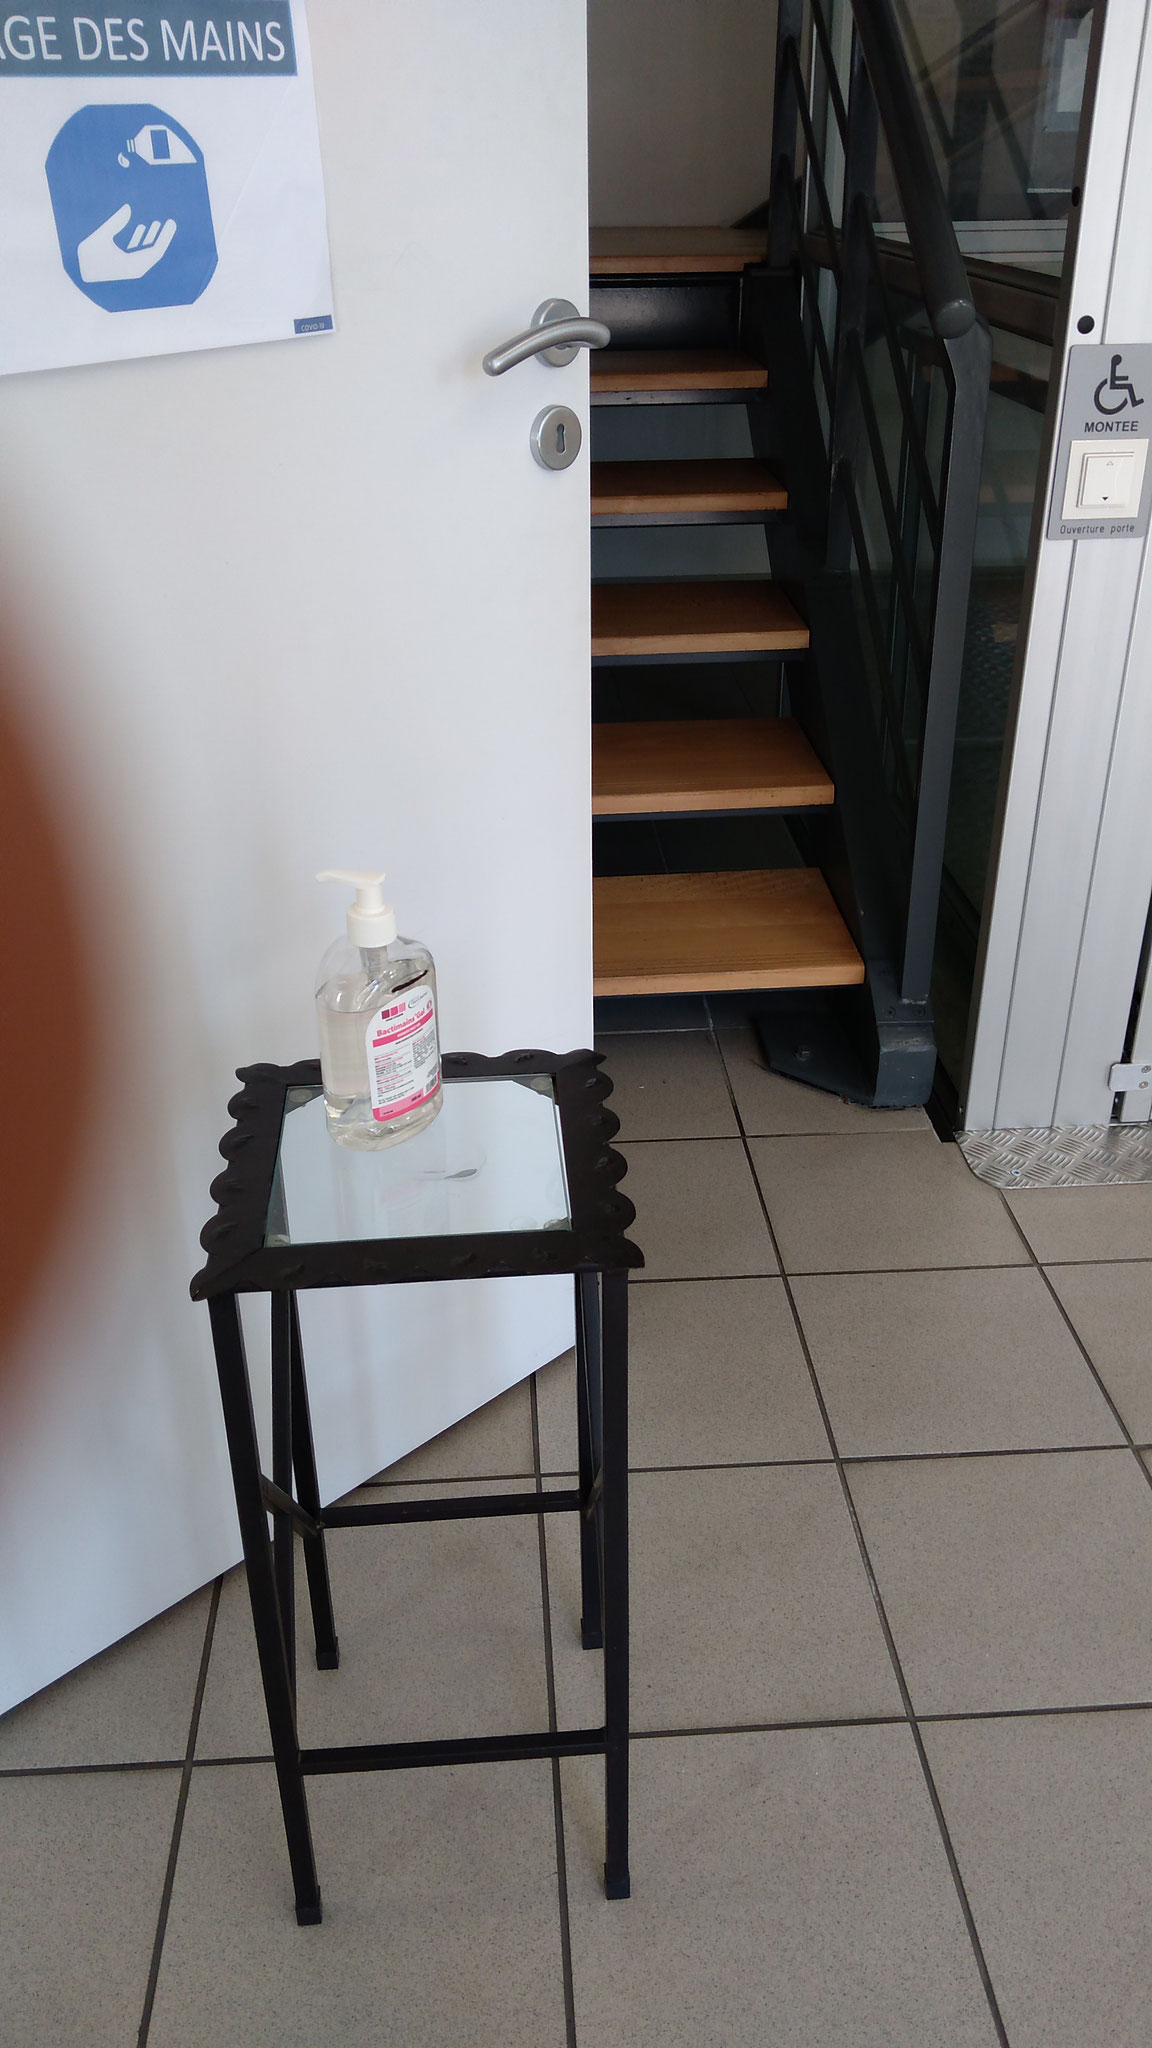 du gel hydroalcoolique est disponible pour se laver les mains avant de rentrer dans le bureau de vote